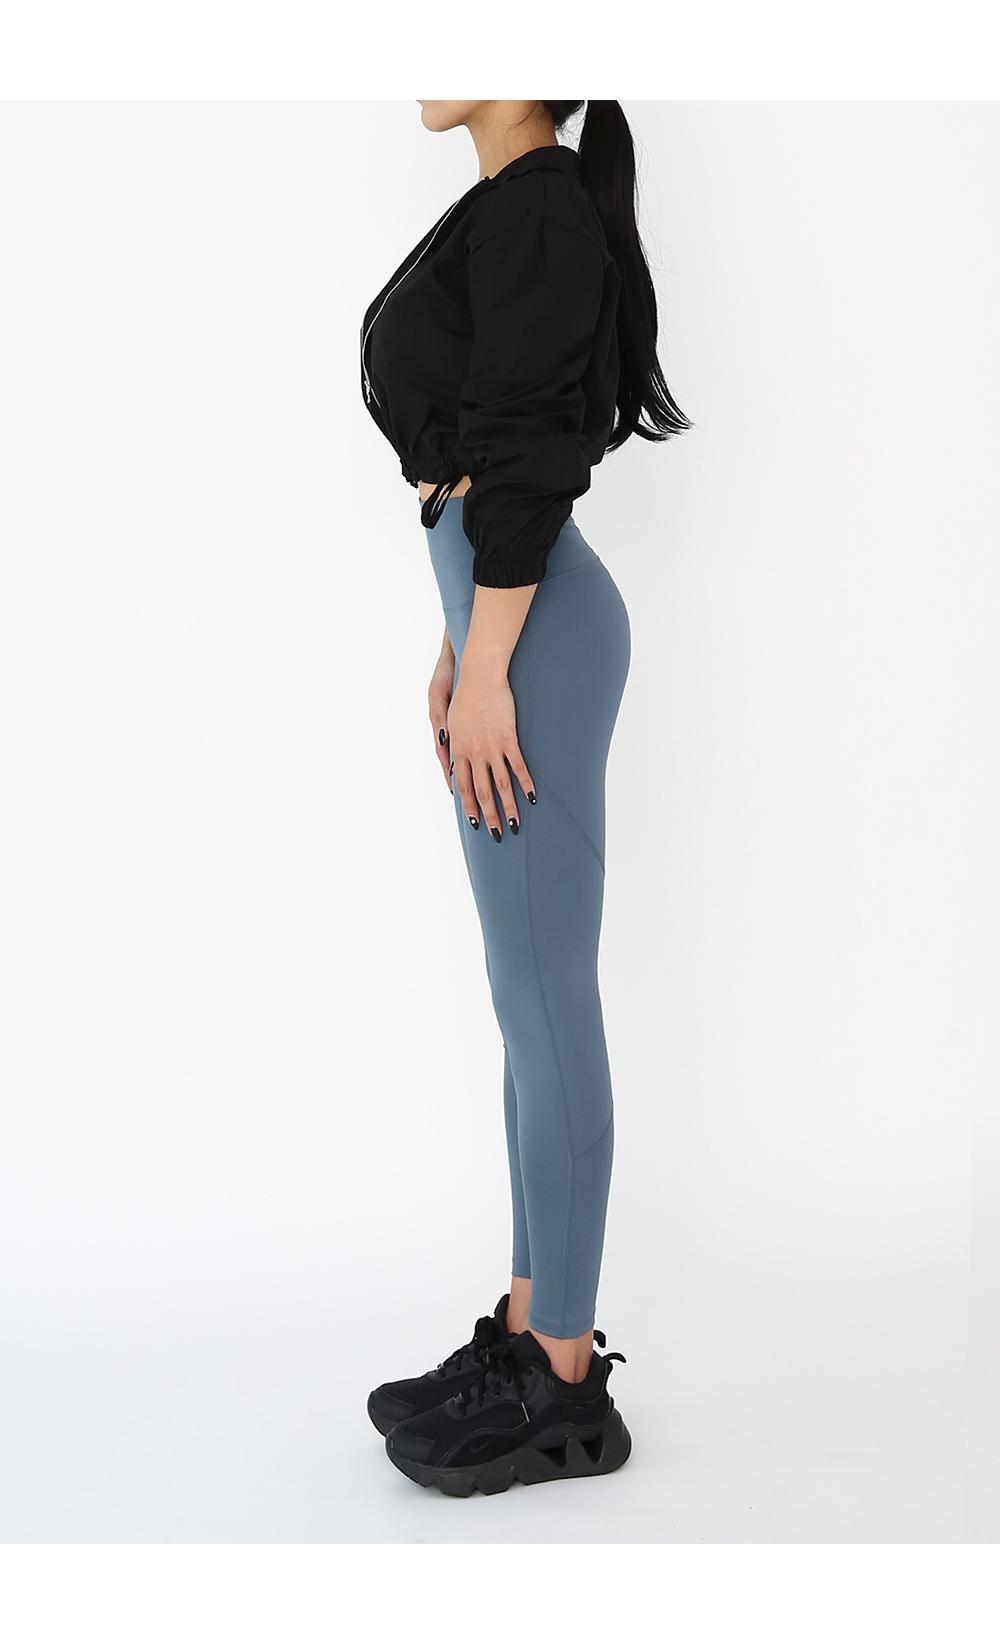 褲子模特穿著形象 - S1L7